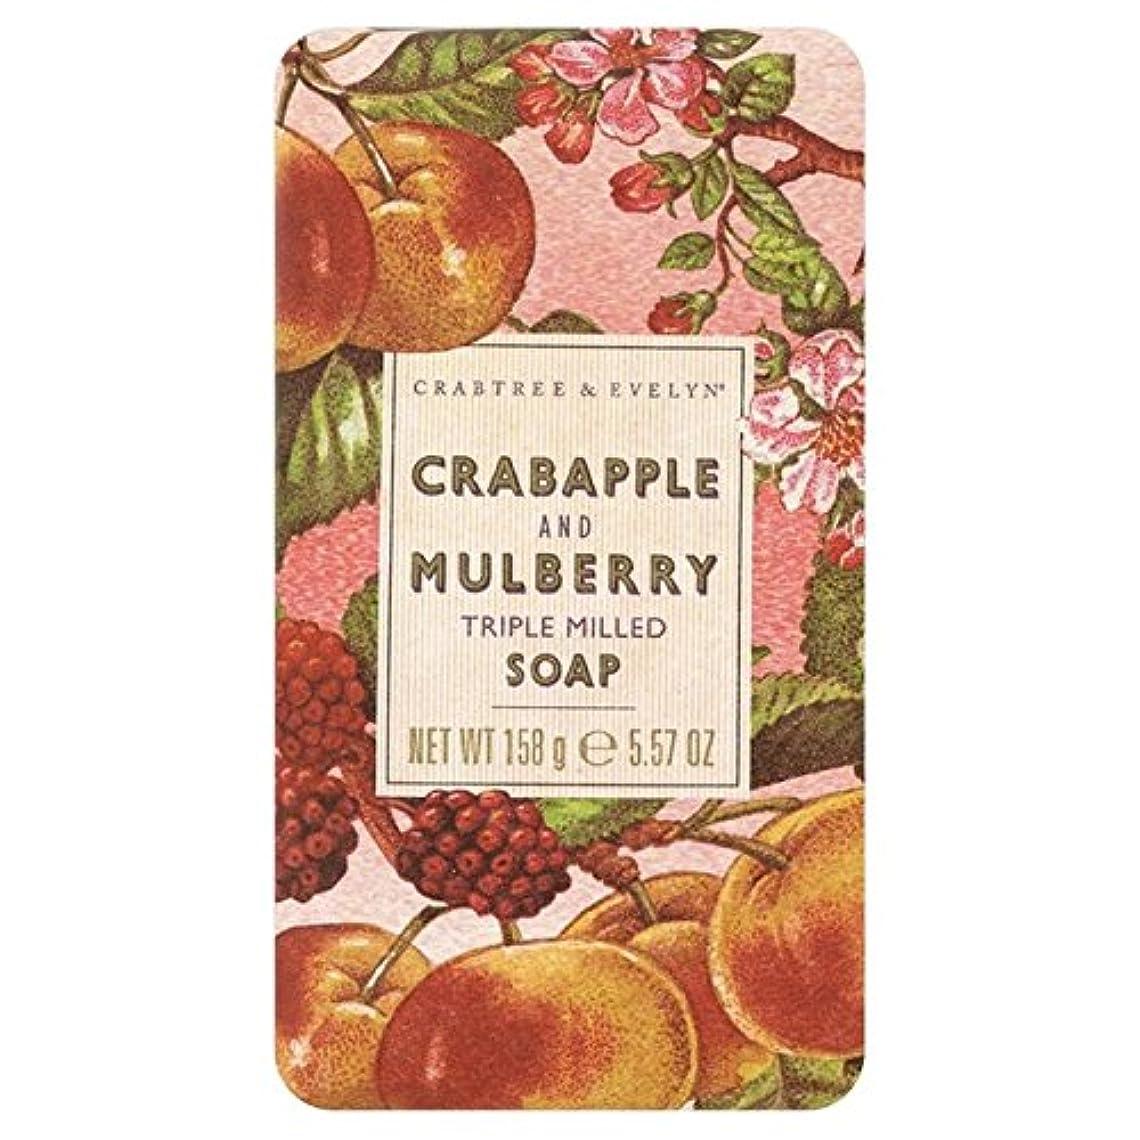 ラケットスツール調和Crabtree & Evelyn Crabapple and Mulberry Heritage Soap 150g (Pack of 6) - クラブツリー&イヴリンと桑遺産石鹸150グラム x6 [並行輸入品]